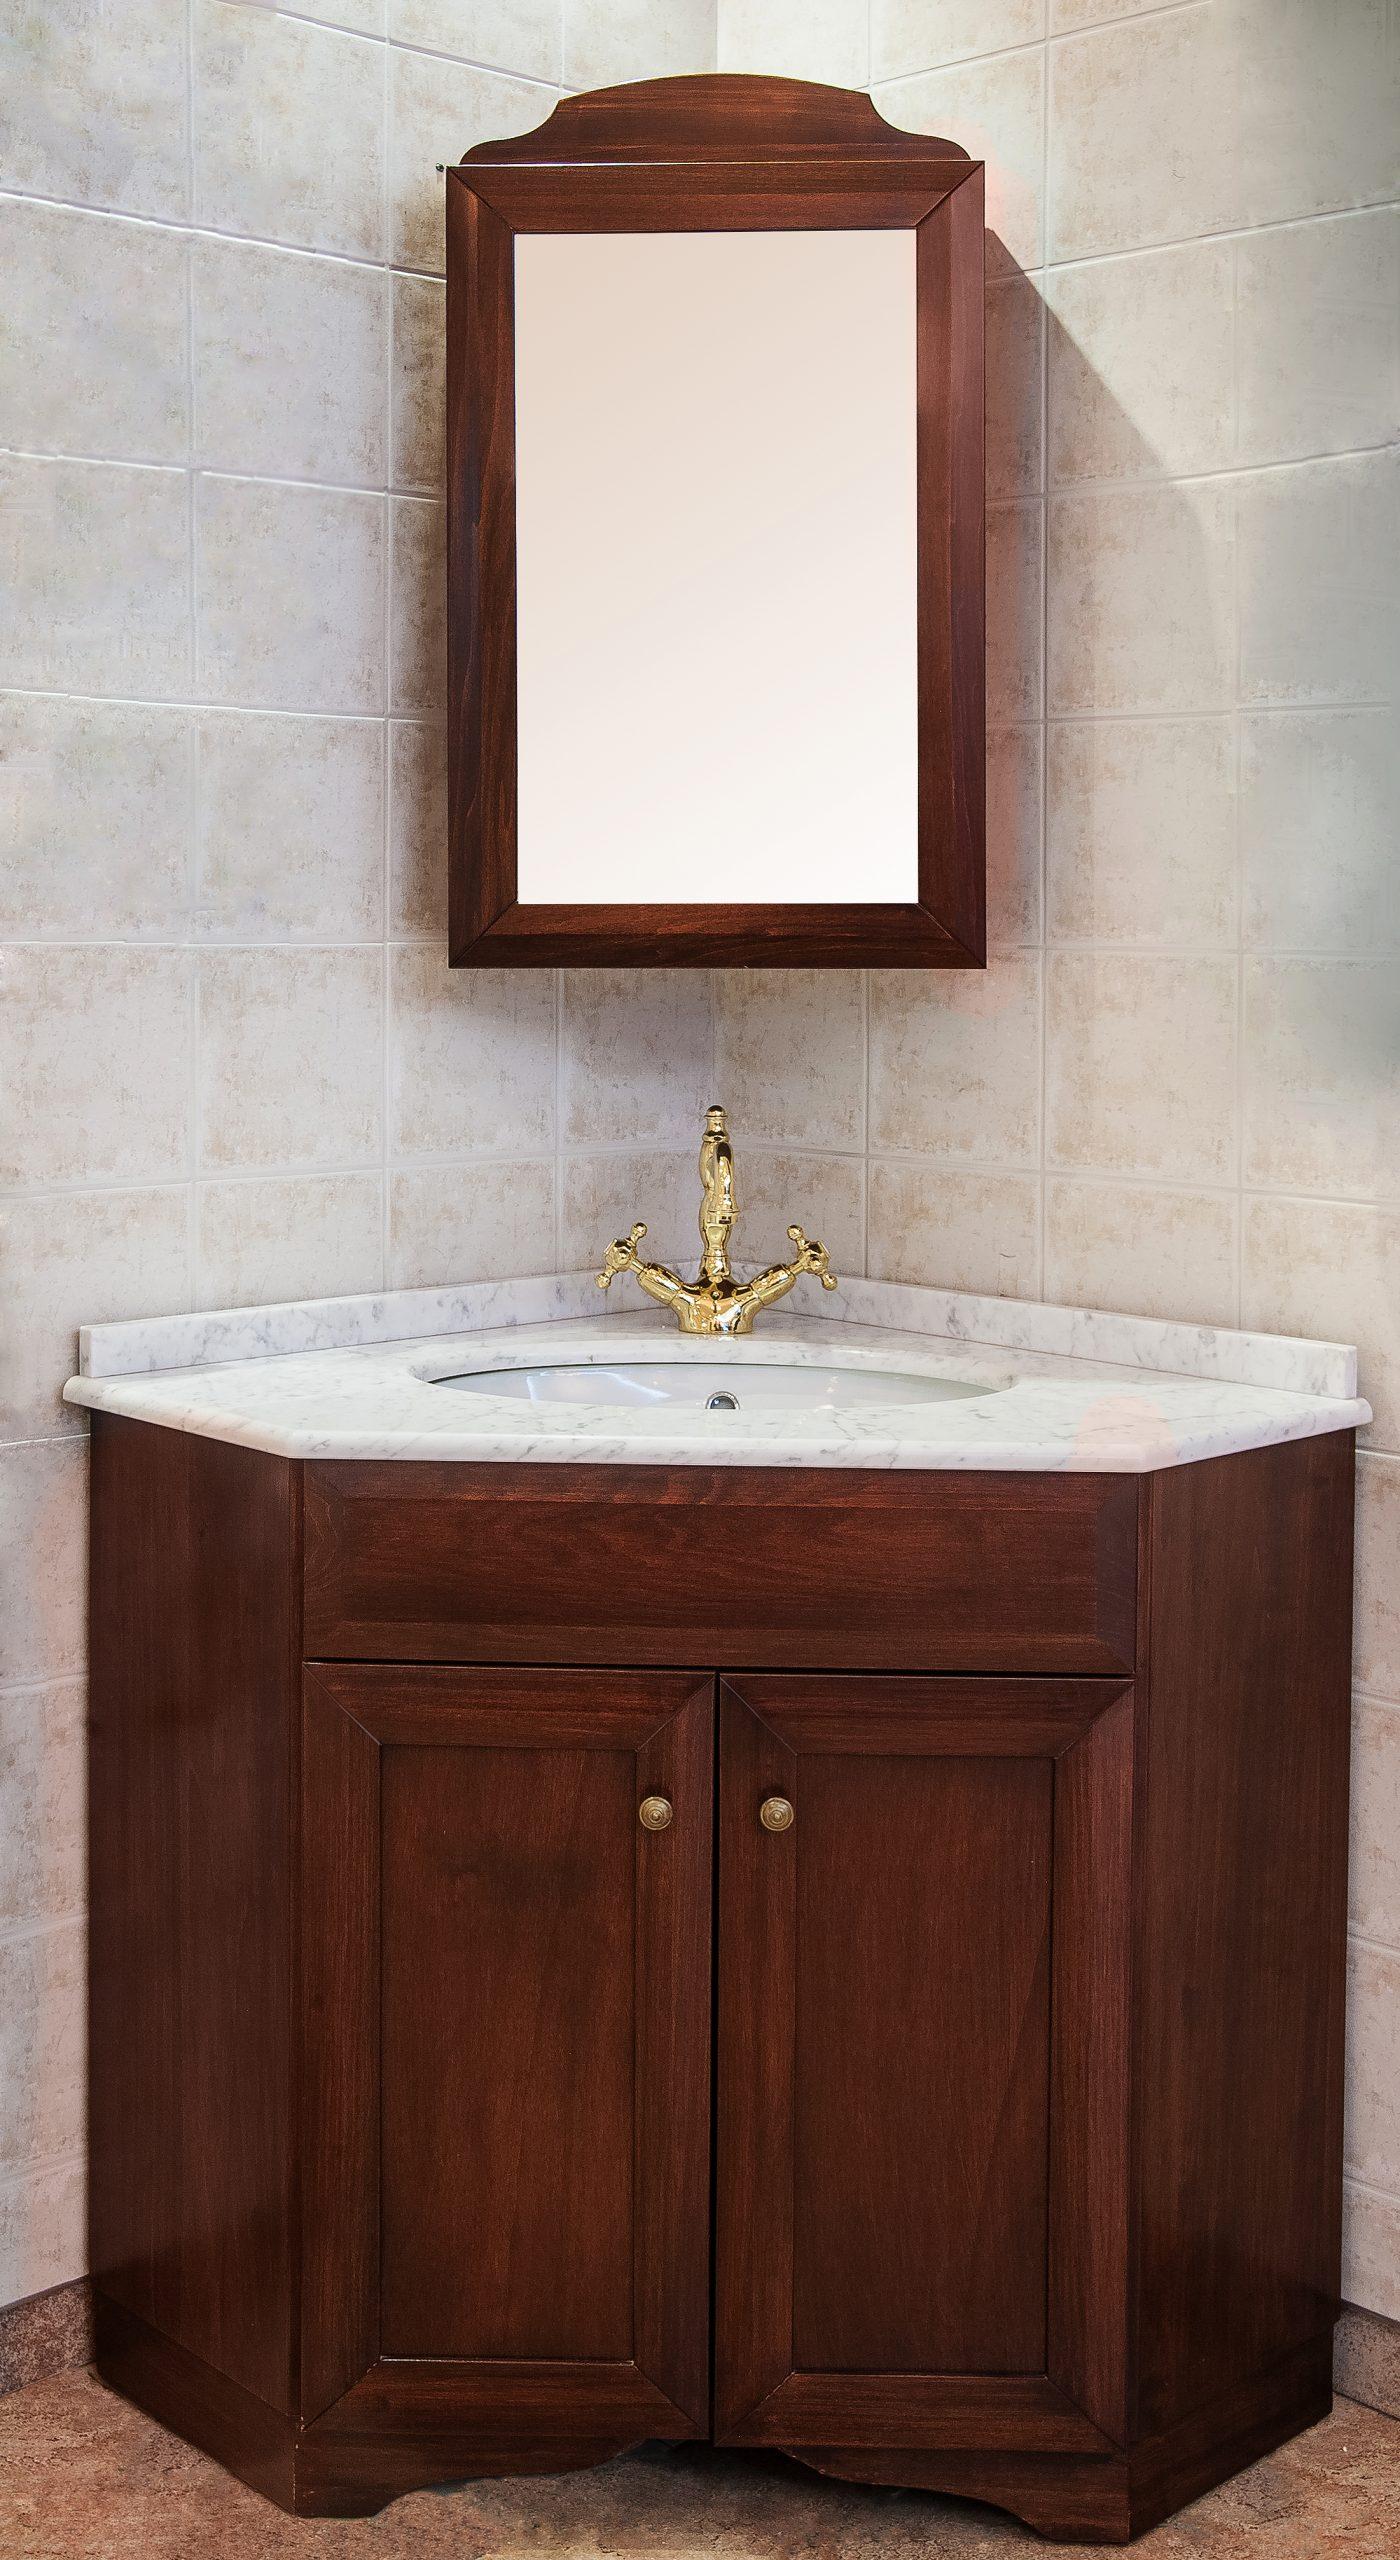 Итальянская мебель д/ванной в стиле Классика, модель Classic4